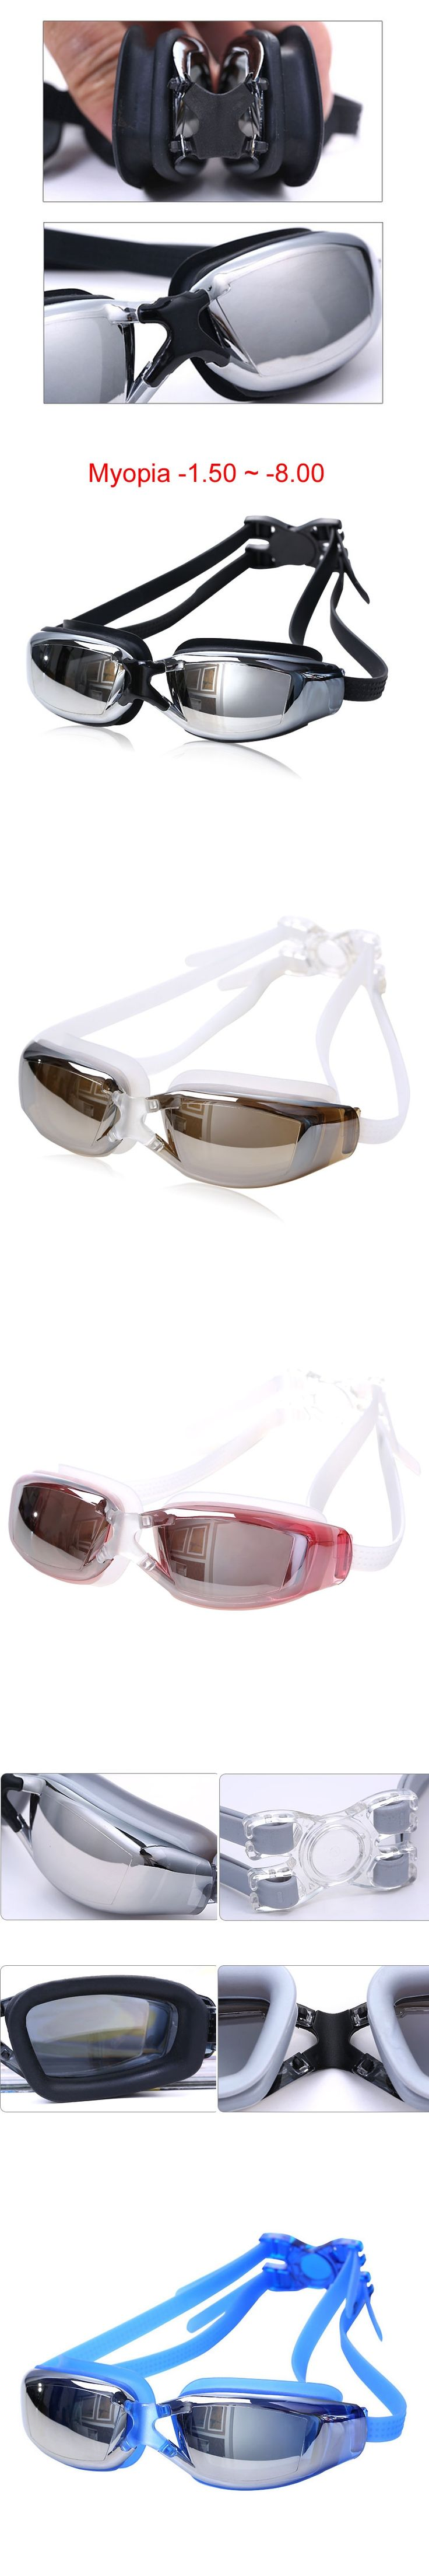 Adult Professional myopia Swimming goggles men arena diopter Swim Eyewear anti fog swimming glasses natacion water glasses